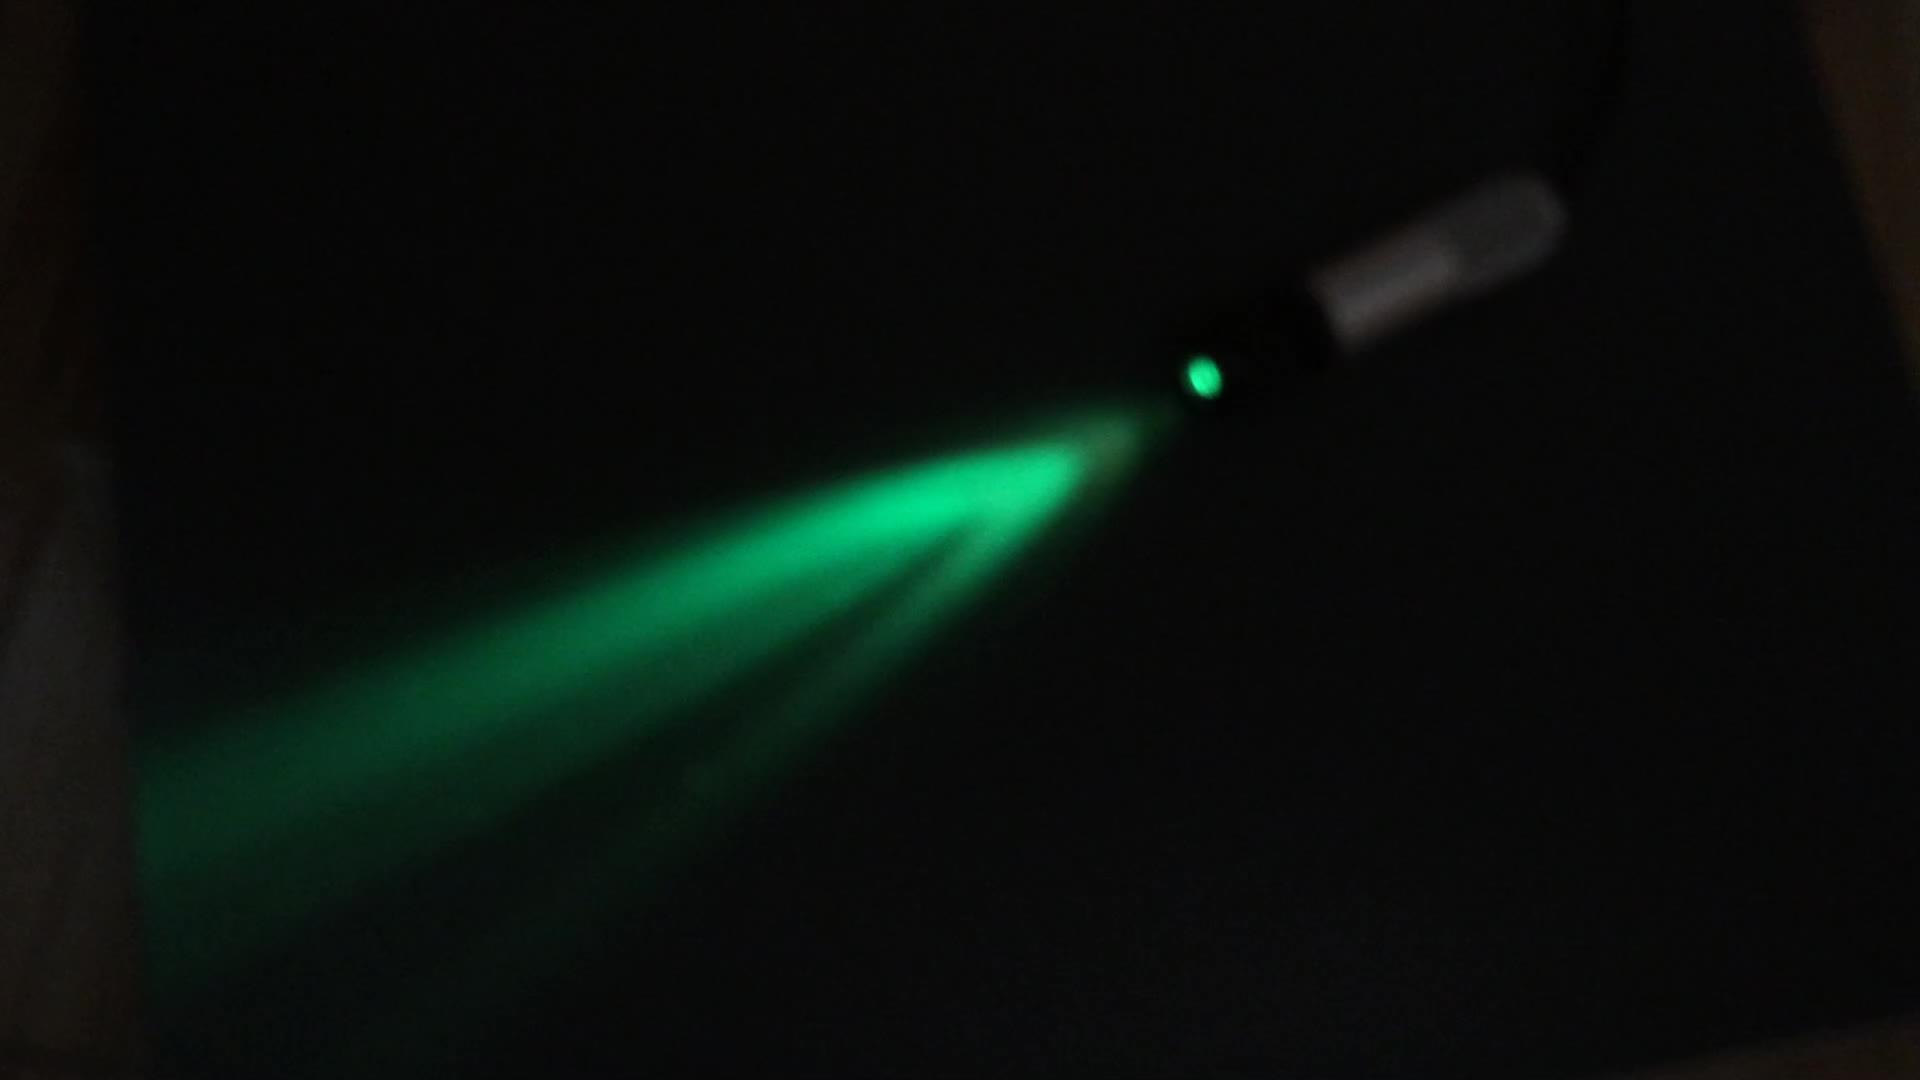 12VDC 3W LED fiber optic emitter with RF control